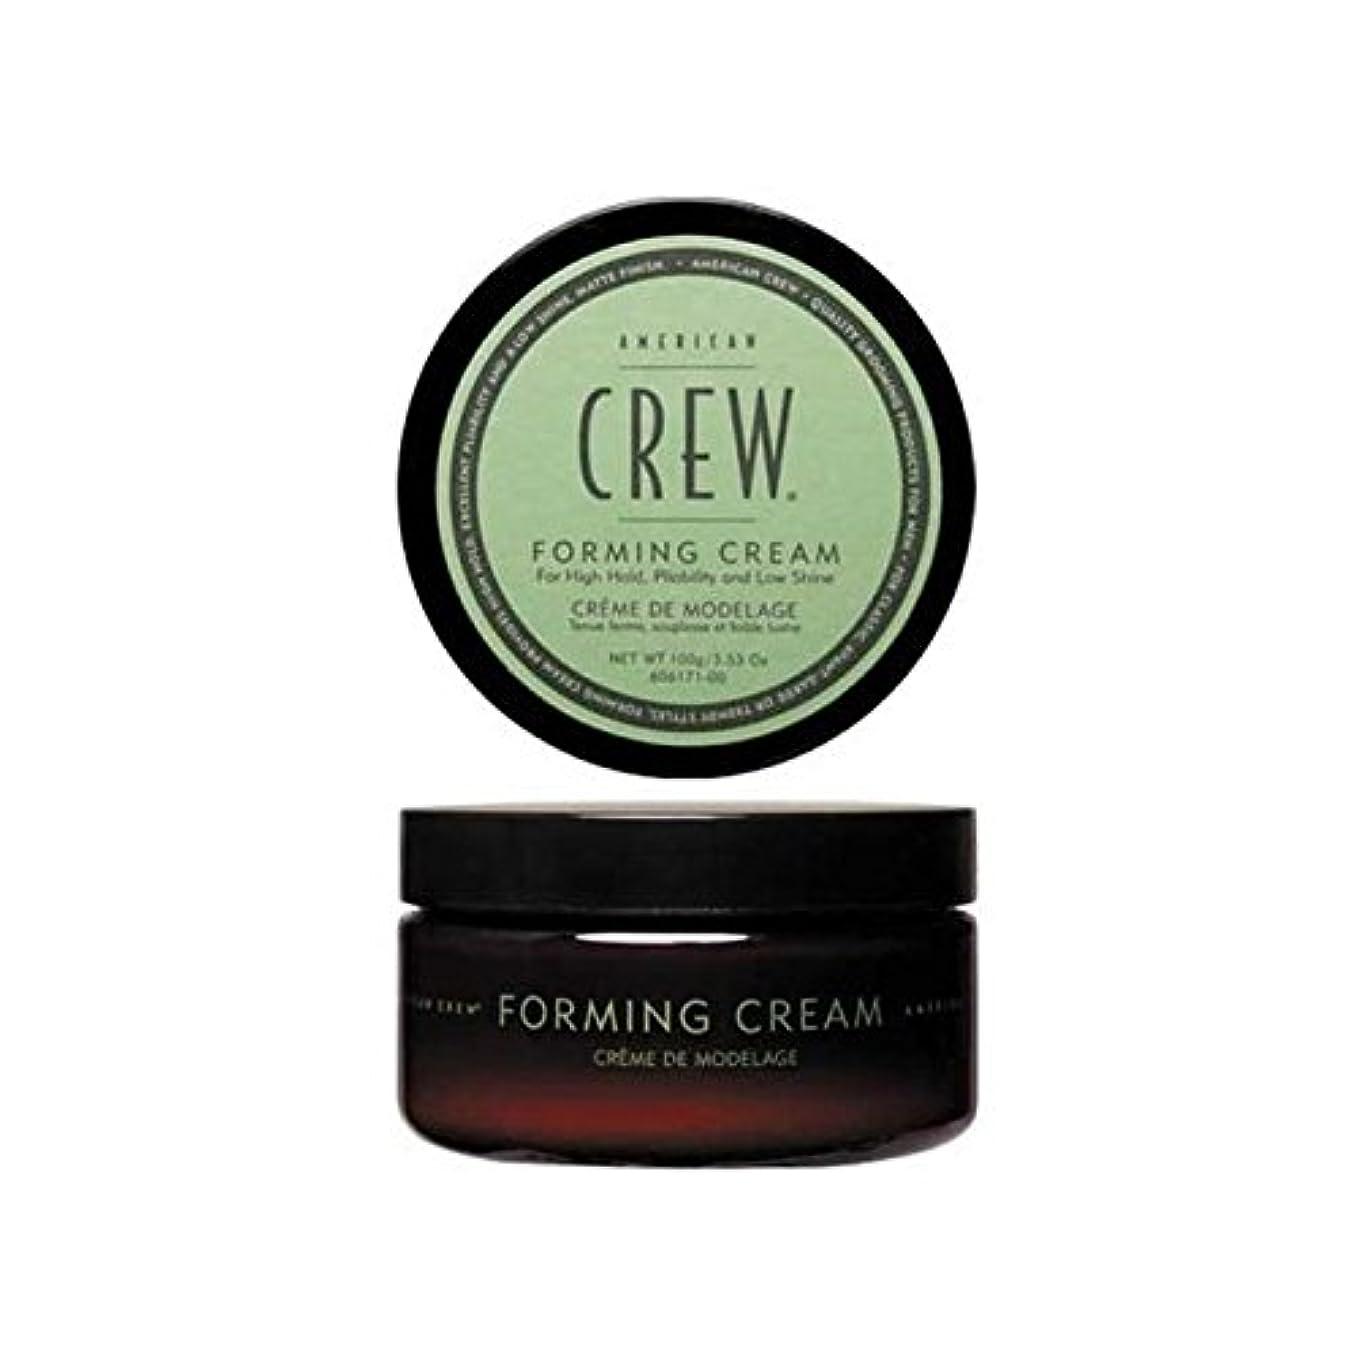 避難する円周クラッチアメリカの乗組員形成クリーム(85グラム) x2 - American Crew Forming Cream (85G) (Pack of 2) [並行輸入品]